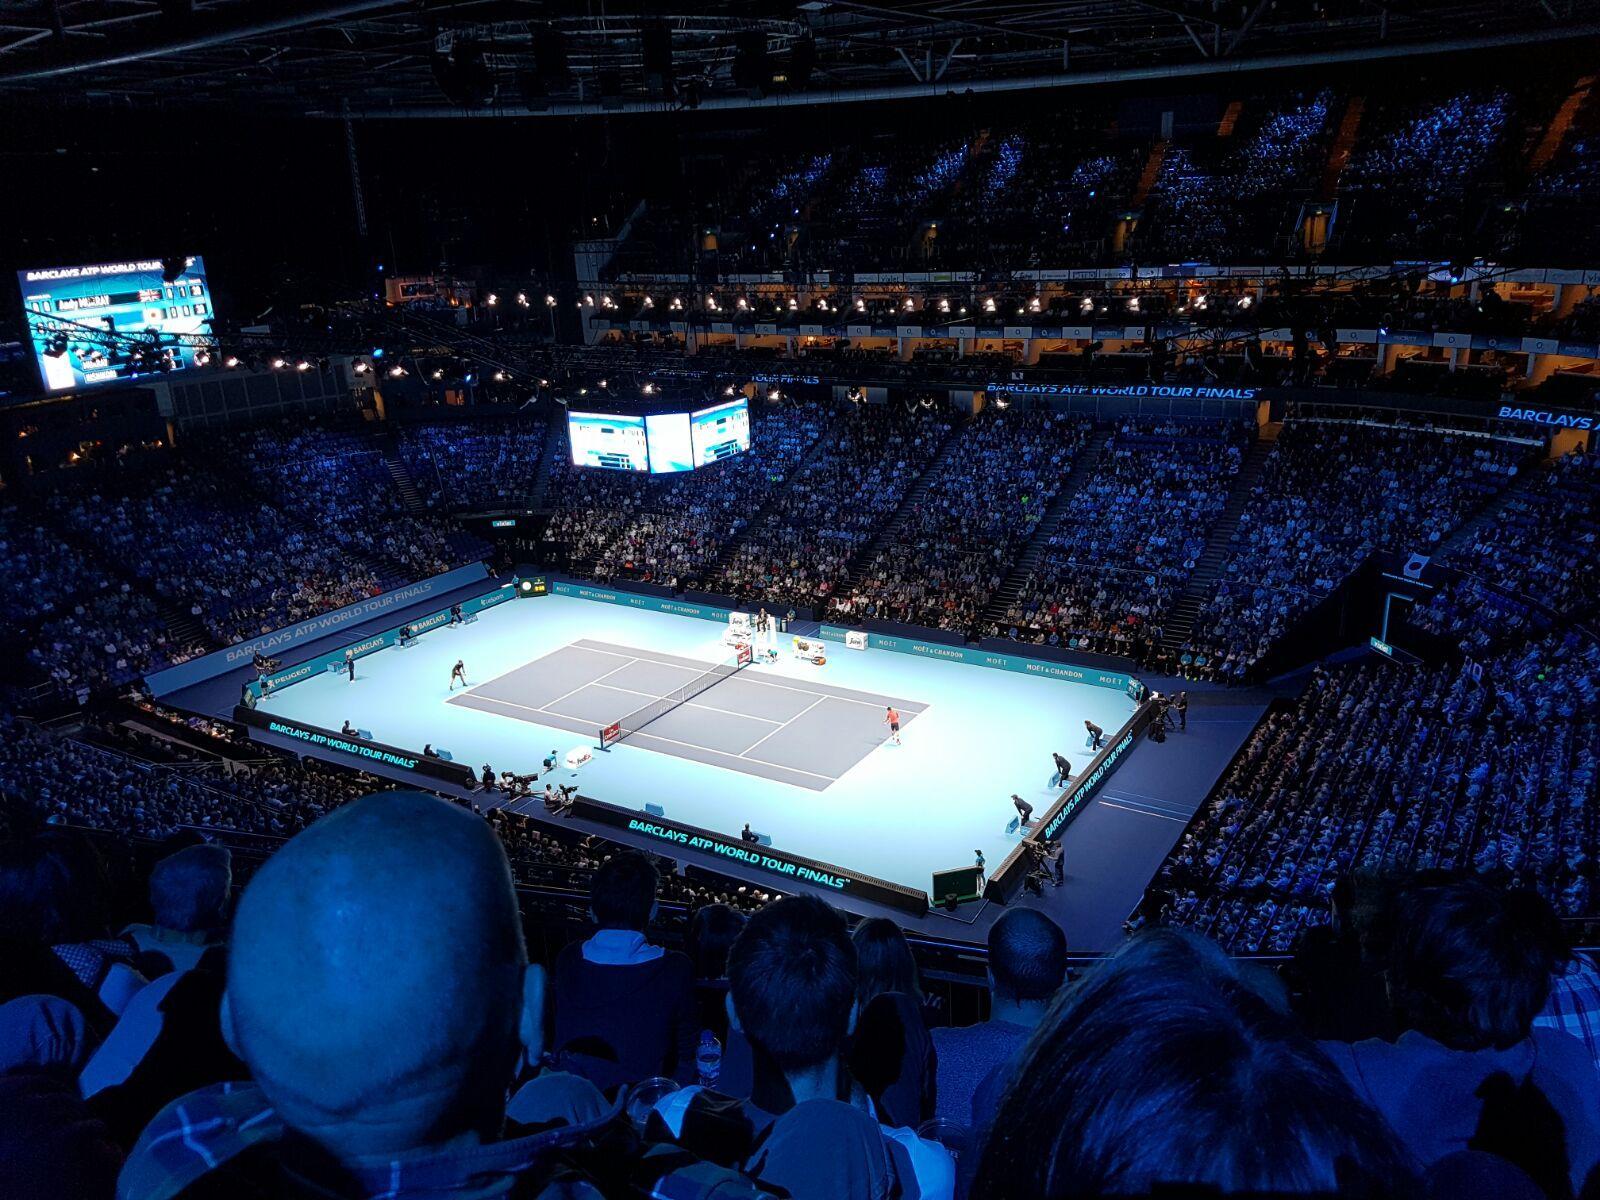 La 02 Arena di Londra